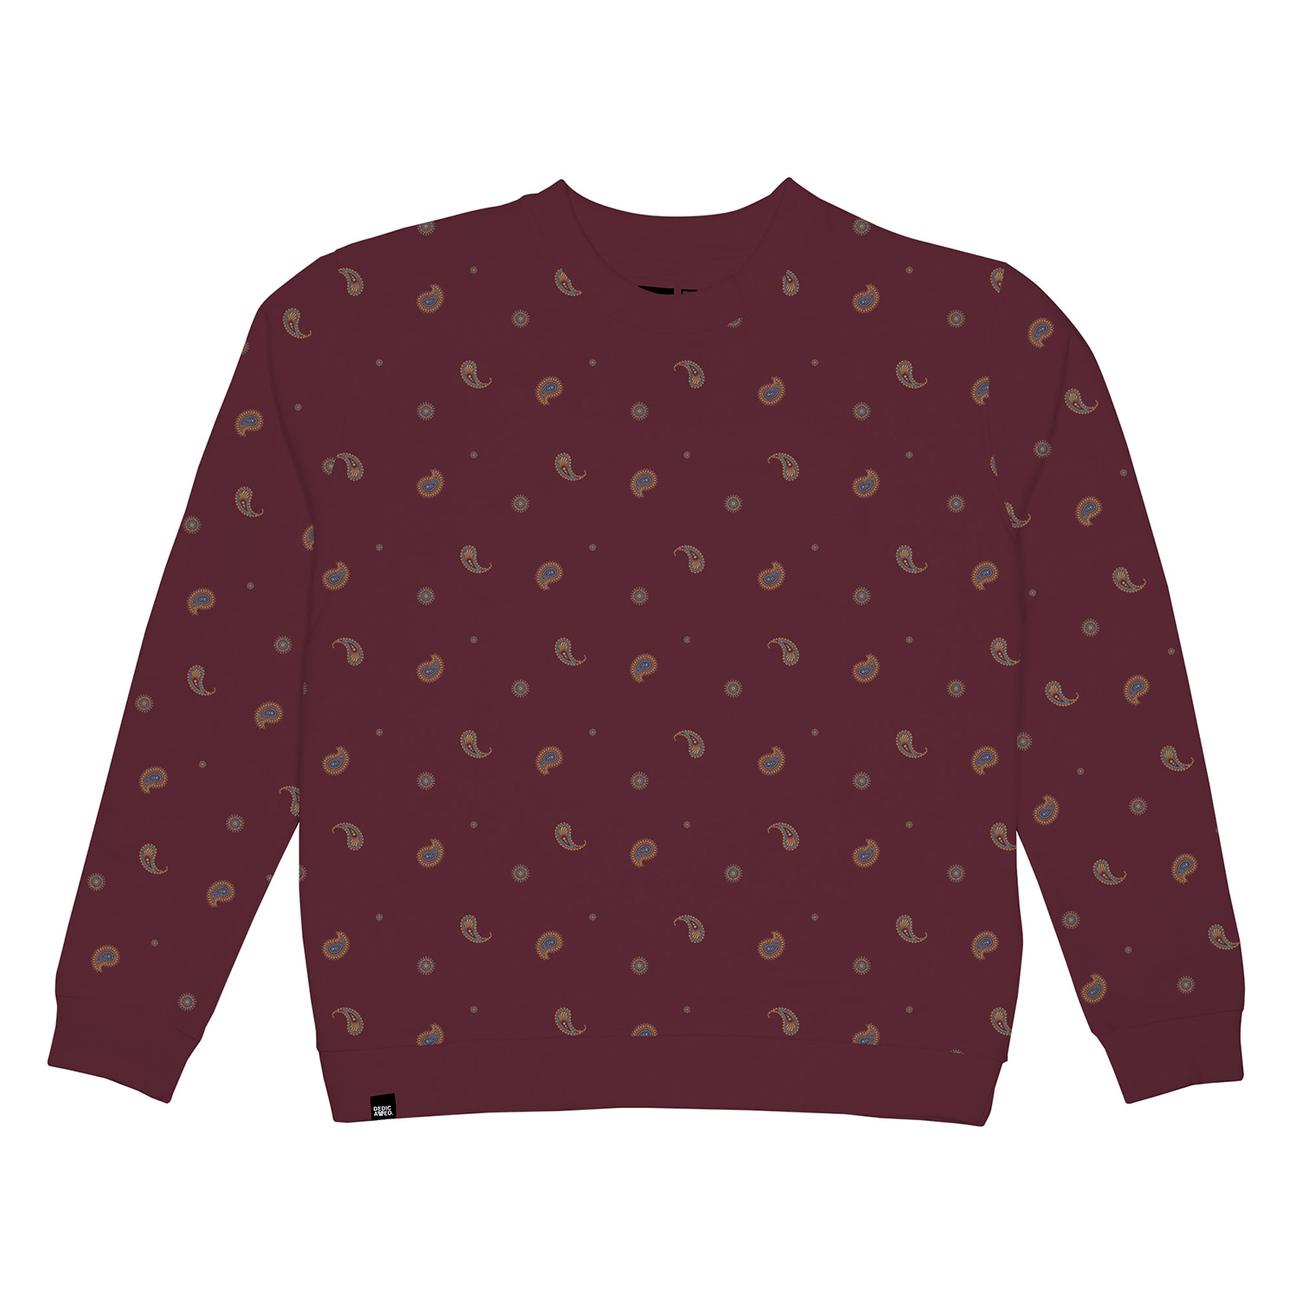 Sweatshirt Ystad Paisley Burgundy